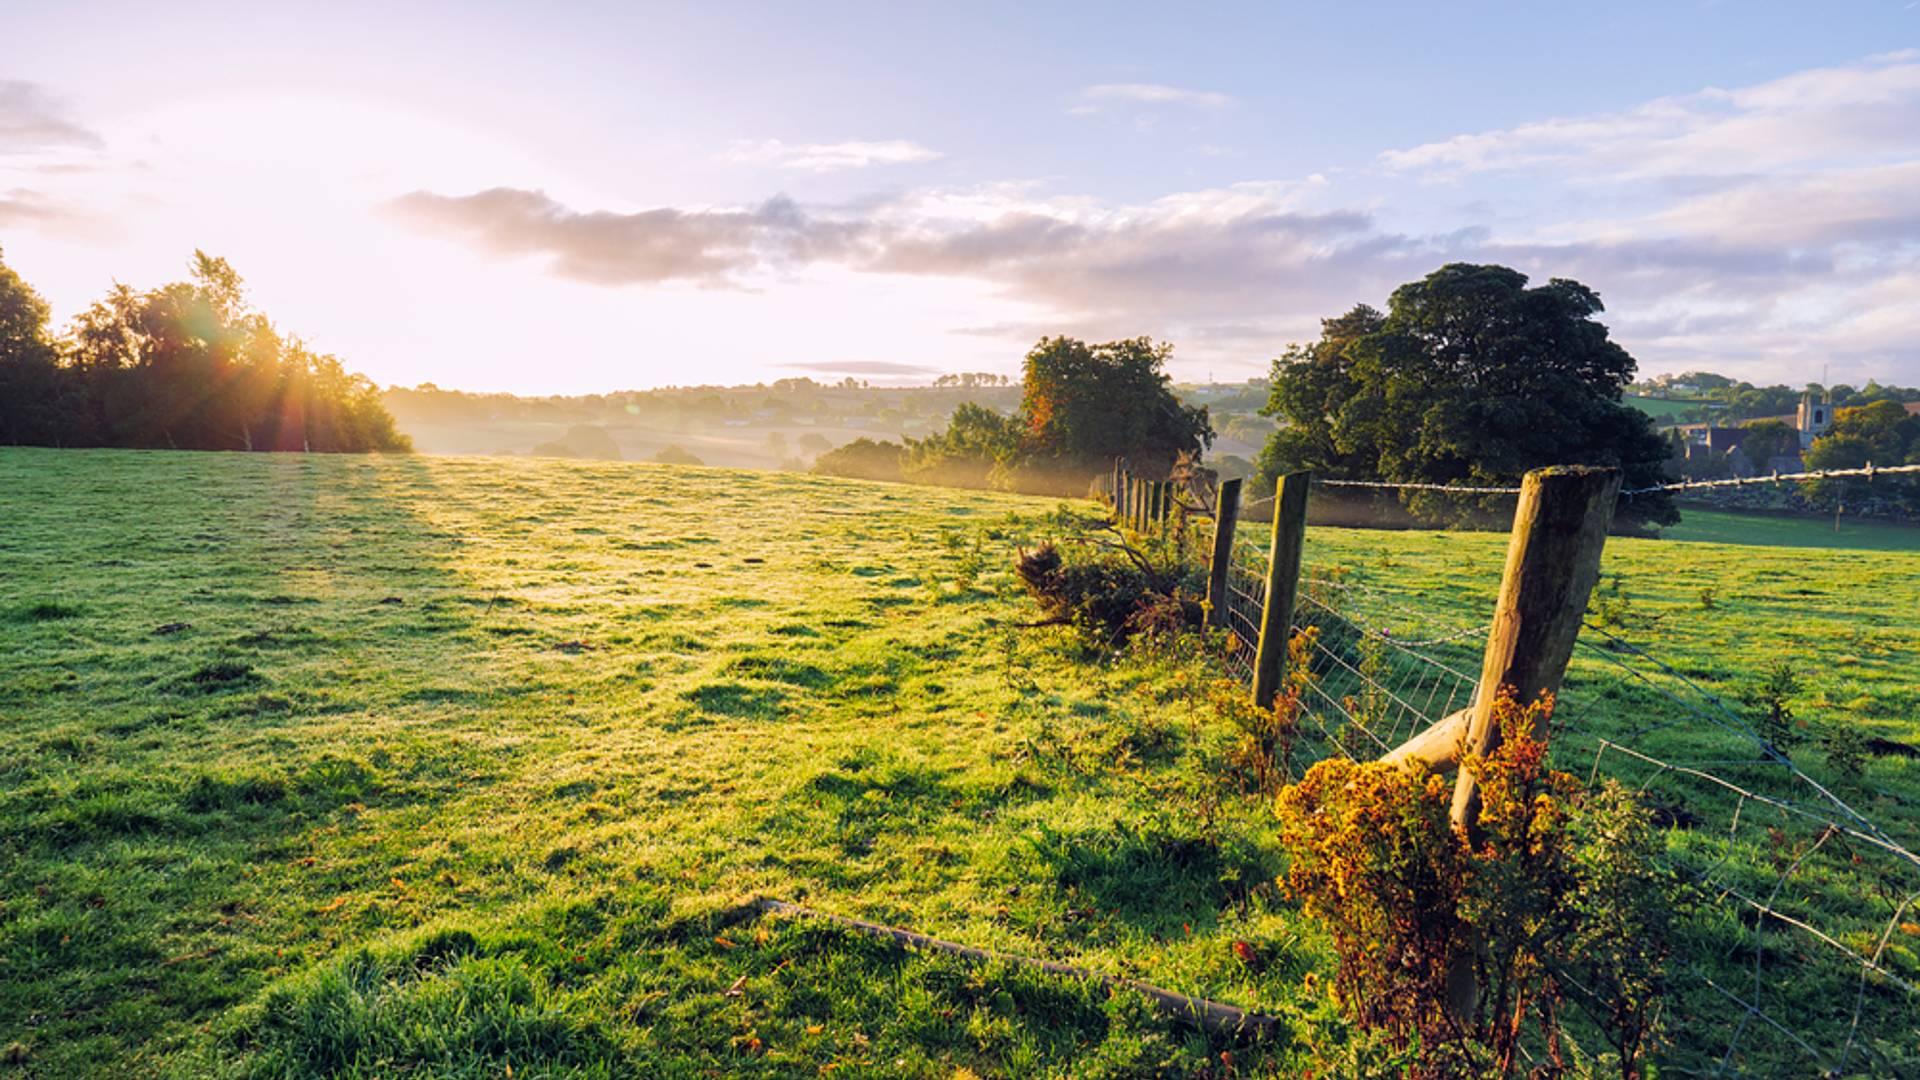 Natur und Entspannung pur